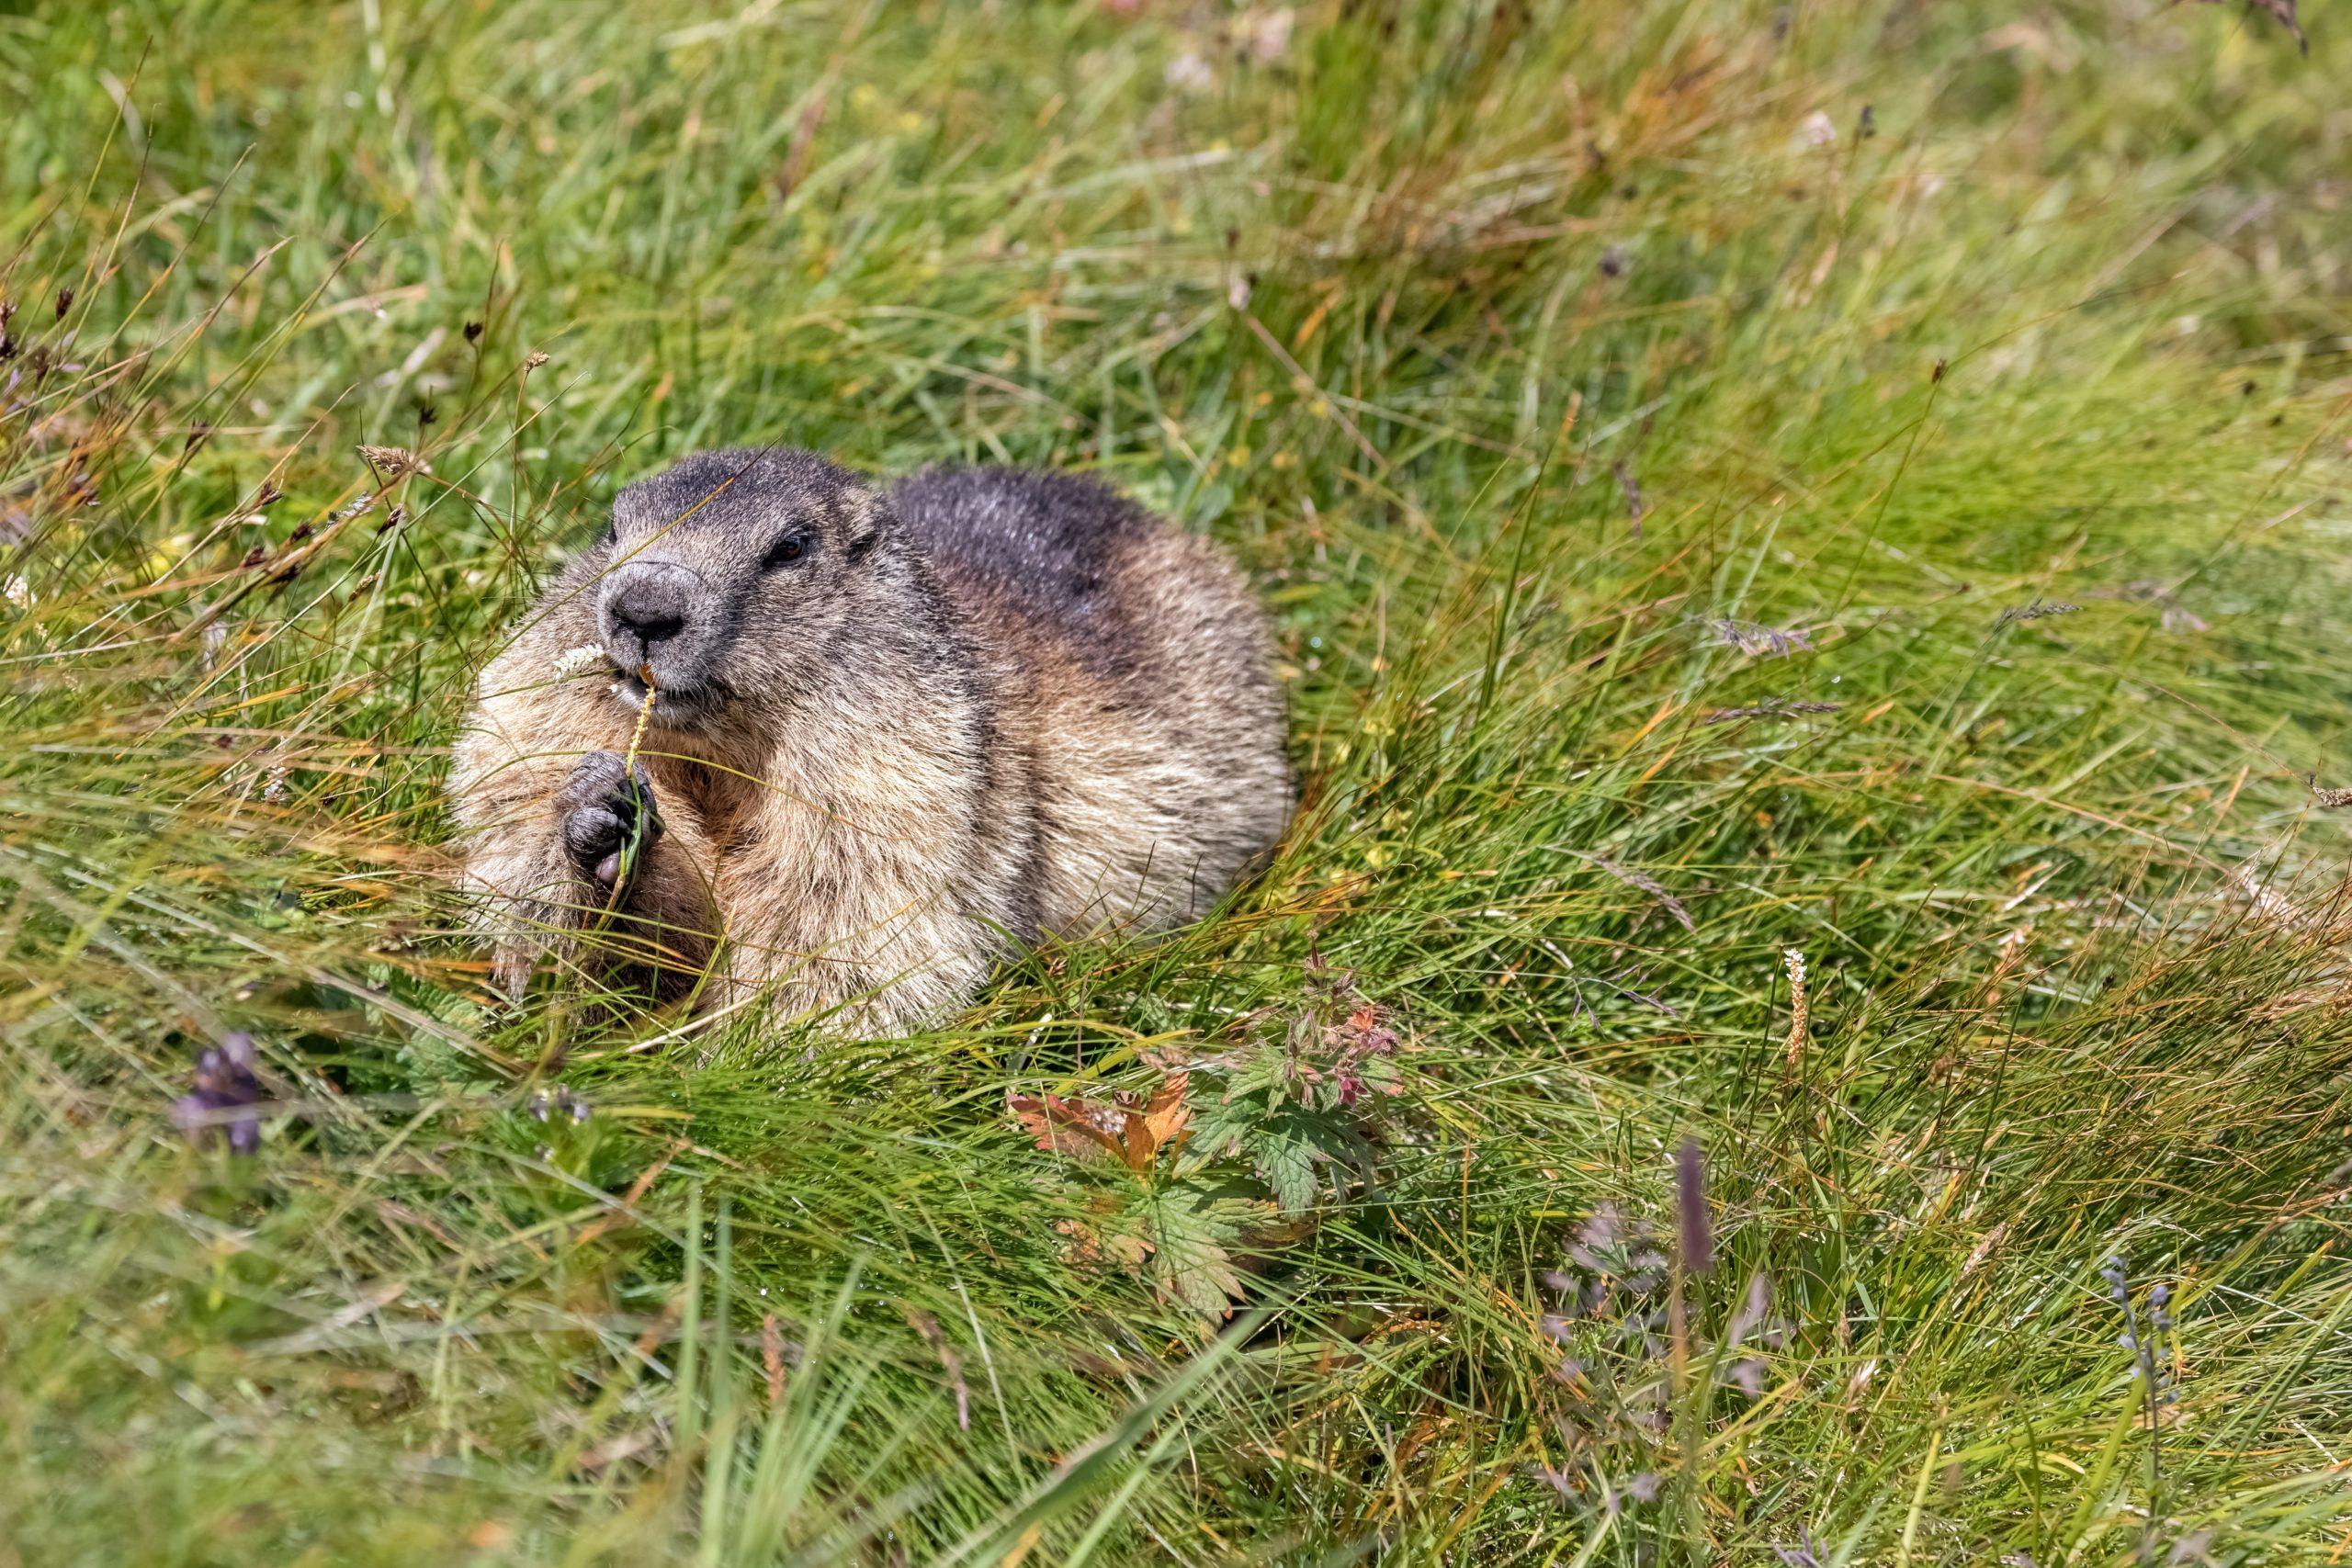 Alpenmurmeltier im Gras